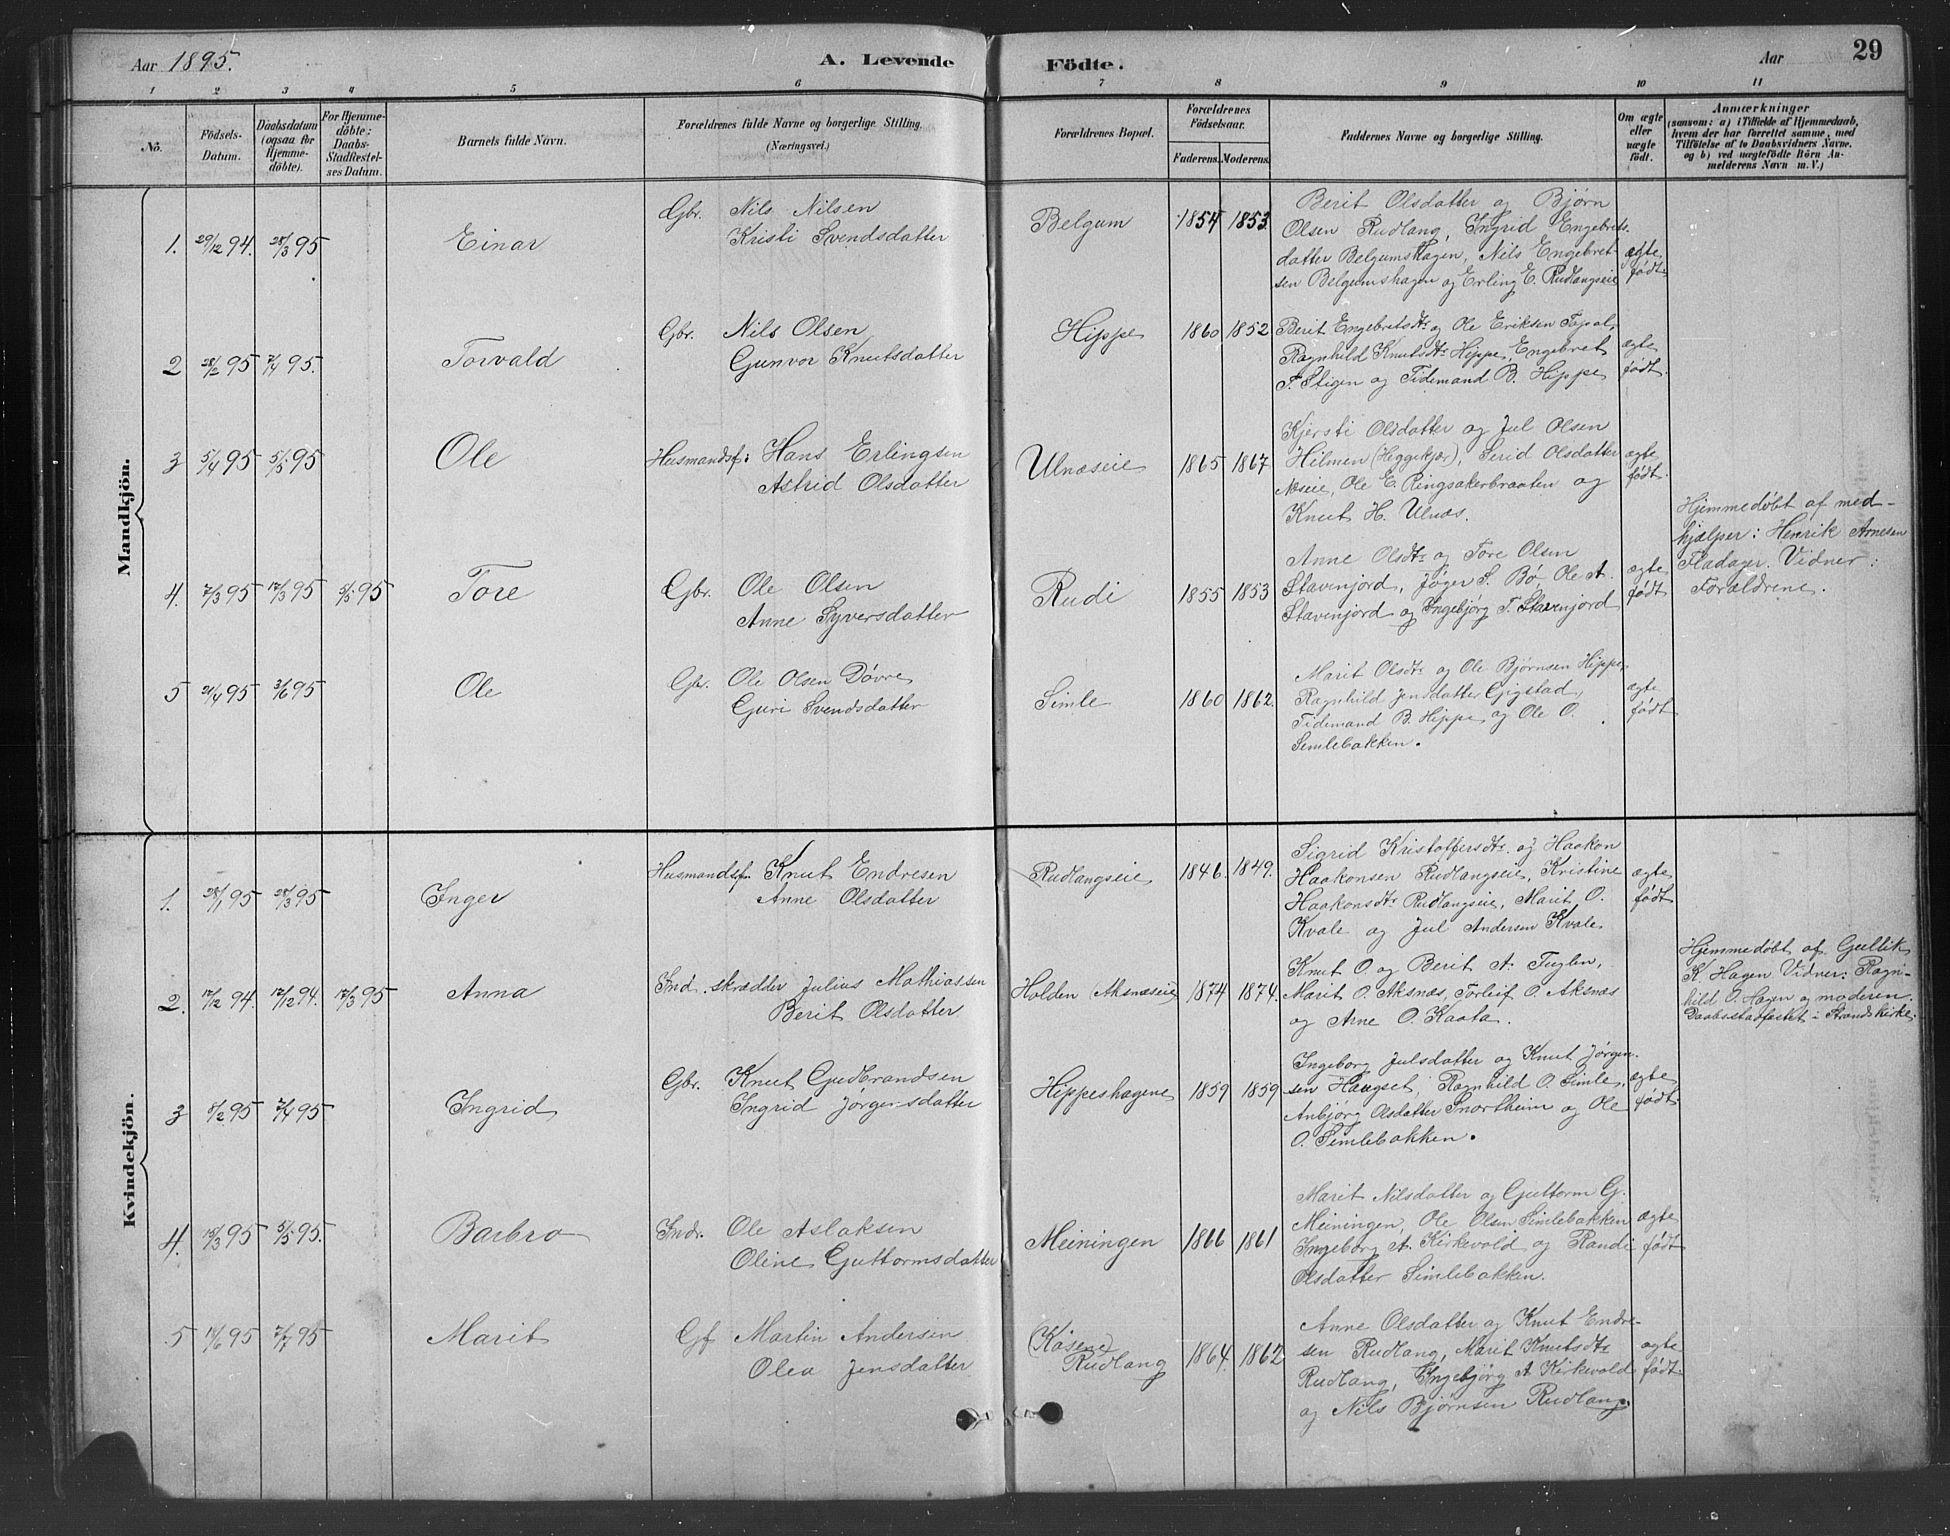 SAH, Nord-Aurdal prestekontor, Klokkerbok nr. 8, 1883-1916, s. 29